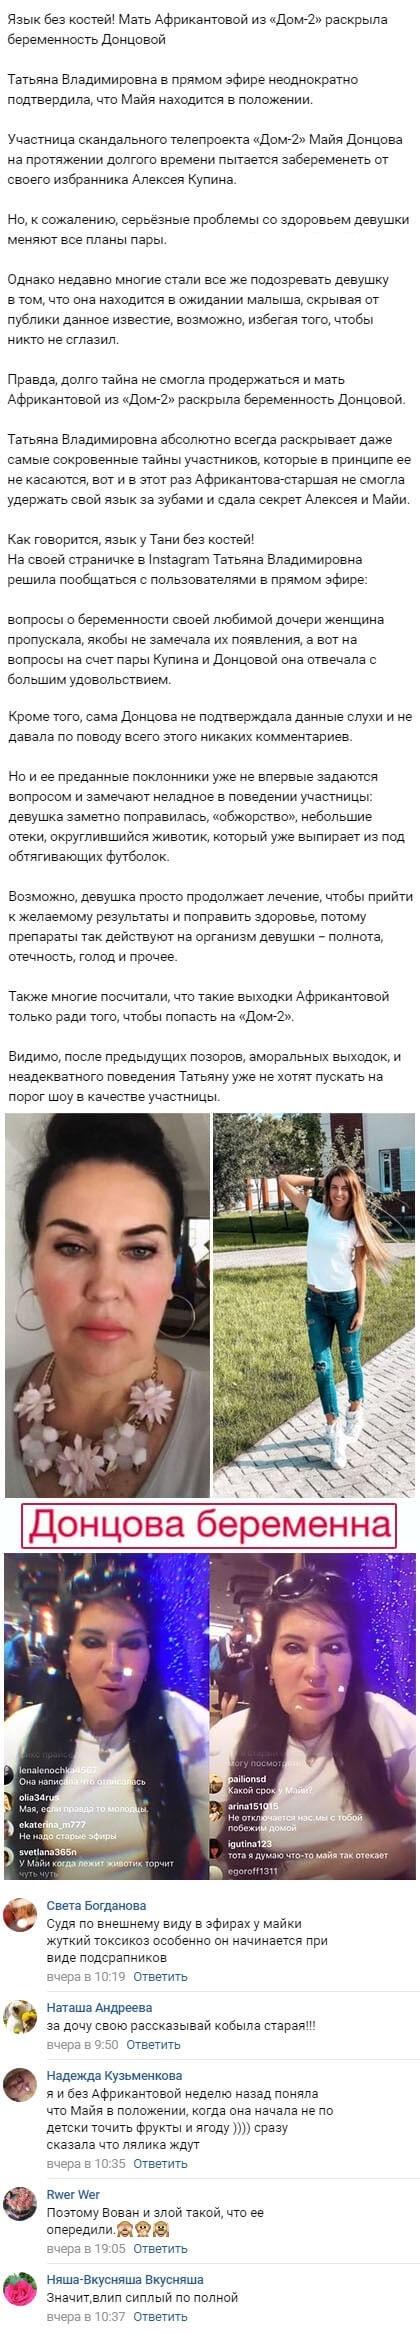 Причина скорой свадьбы Алексея Купина и Майи Донцовой